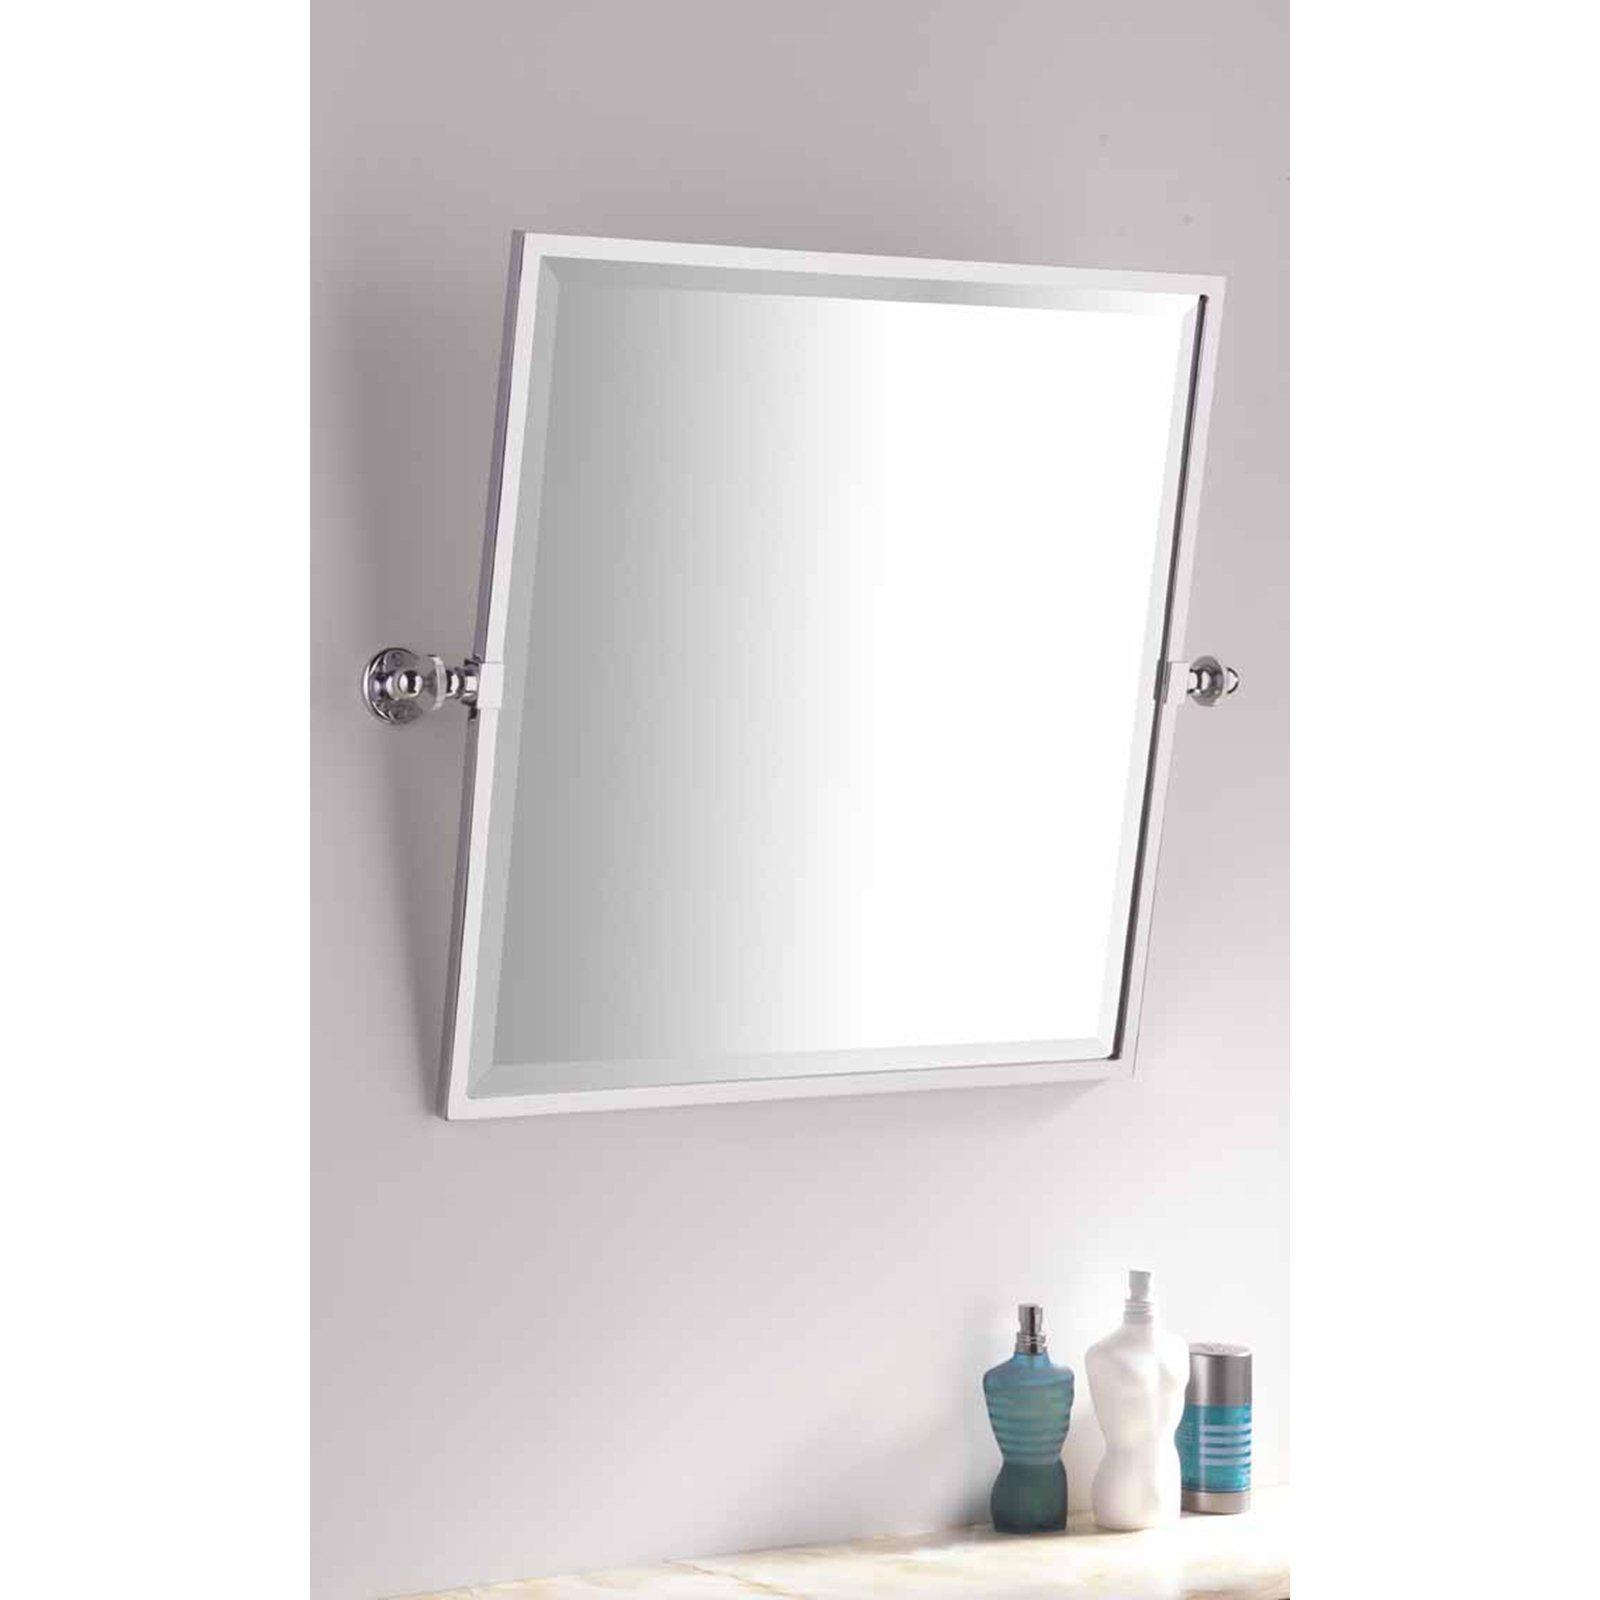 Bathroom : New Pivot Bathroom Mirrors Room Ideas Renovation With Adjustable Bathroom Mirrors (Image 3 of 20)